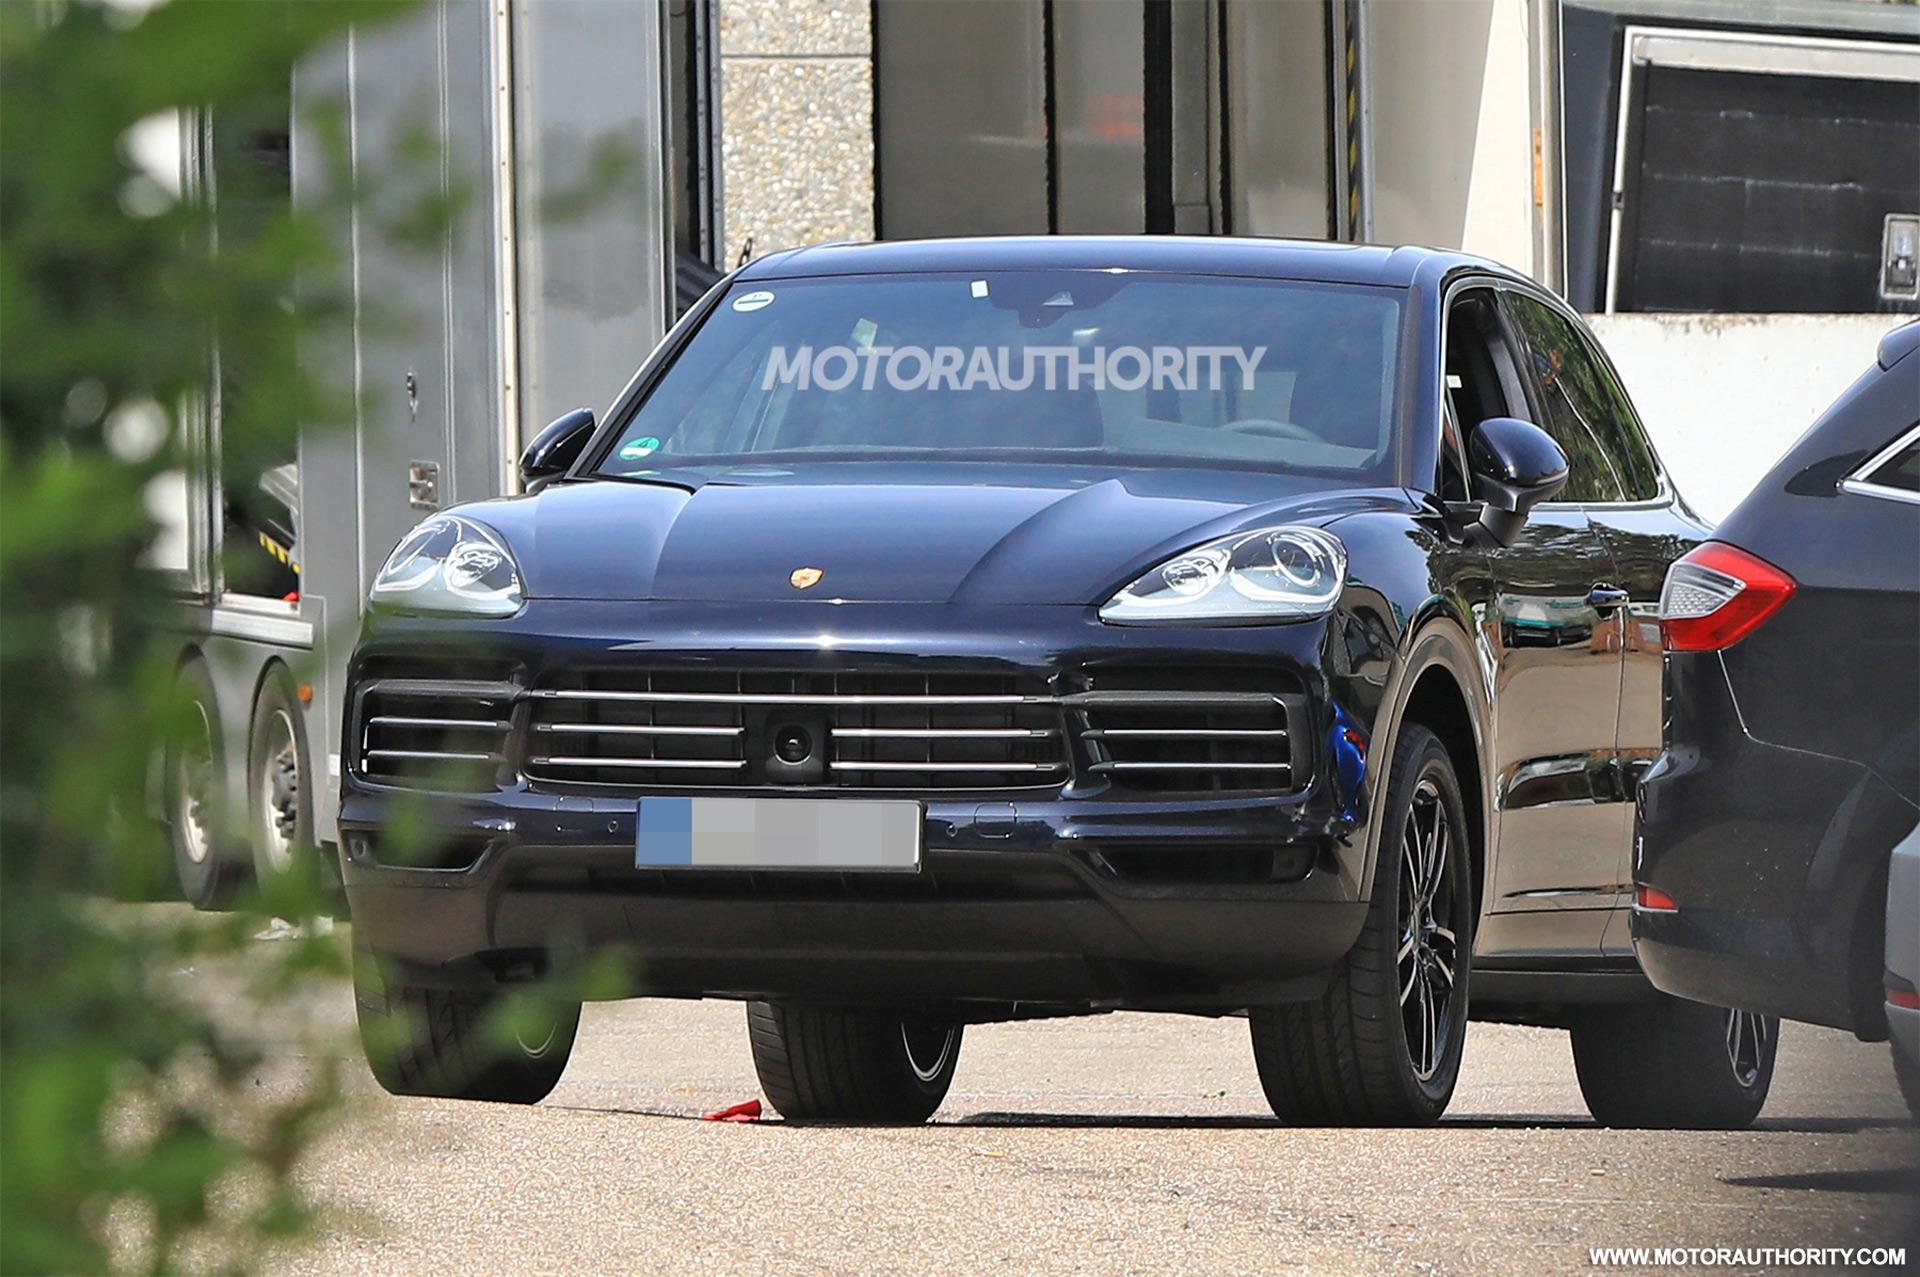 2018 Porsche Cayenne Release Date >> 2018 Porsche Cayenne spy shots and video